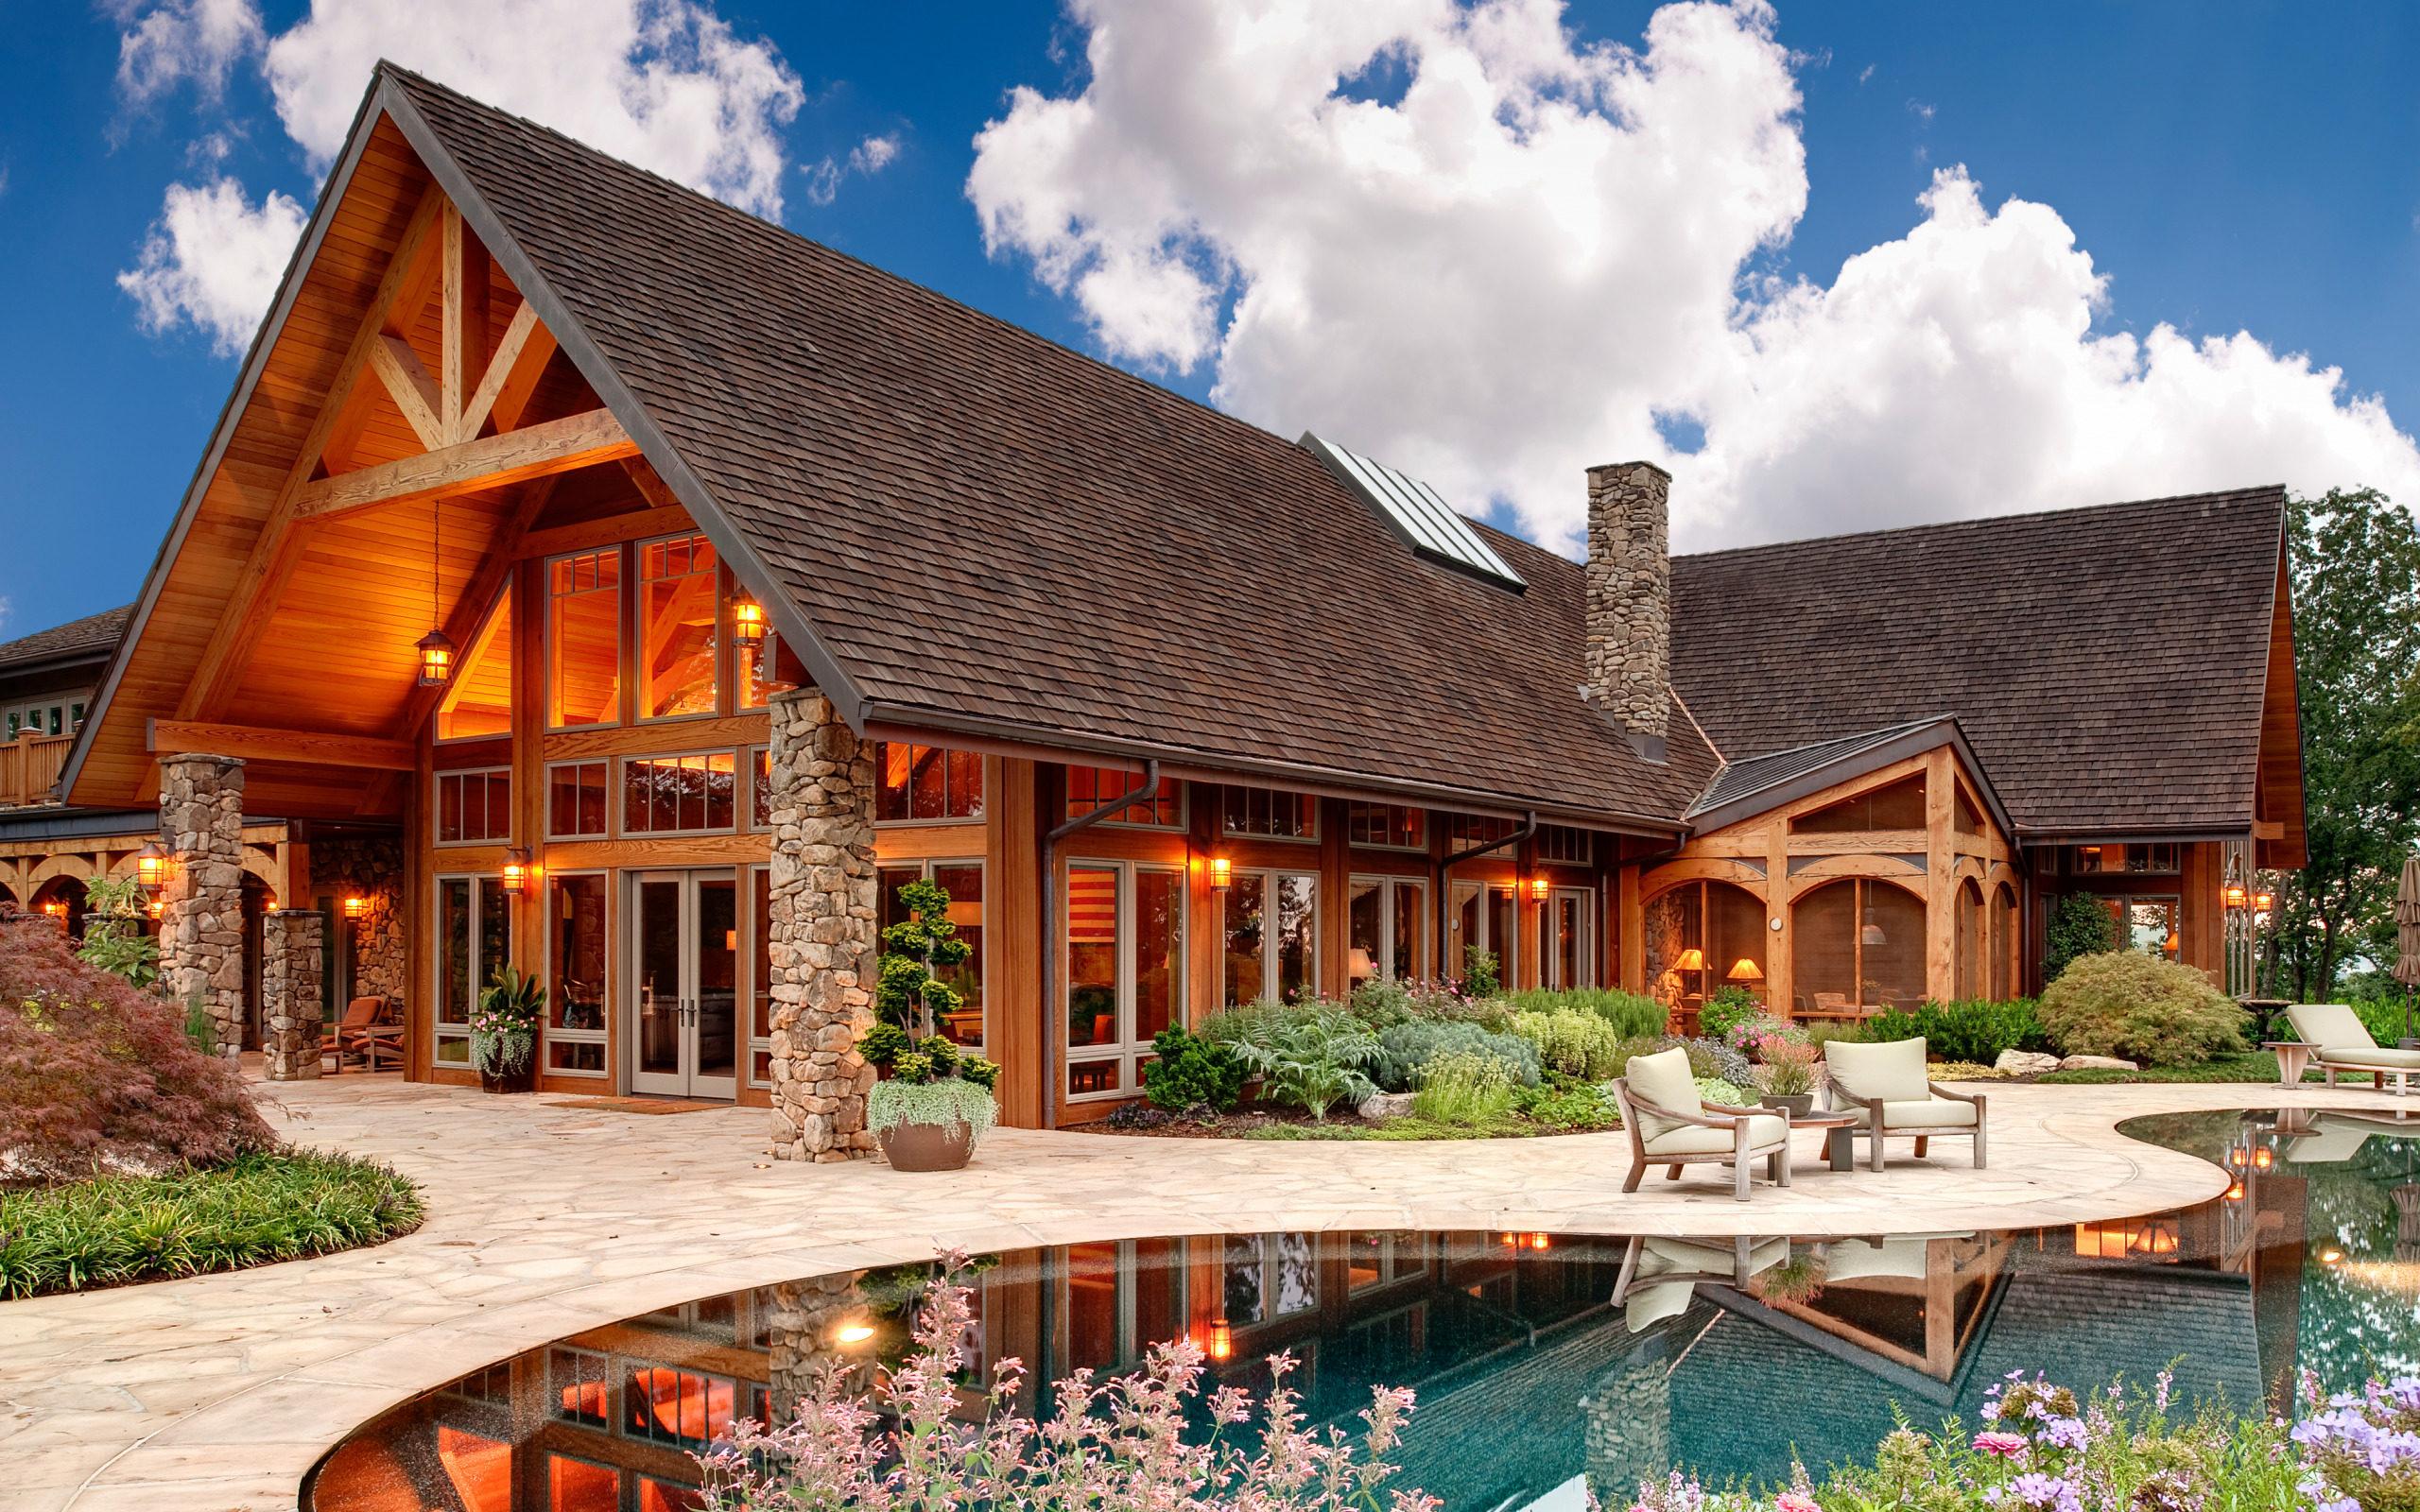 home-house-pool-derevyannyy-1123257